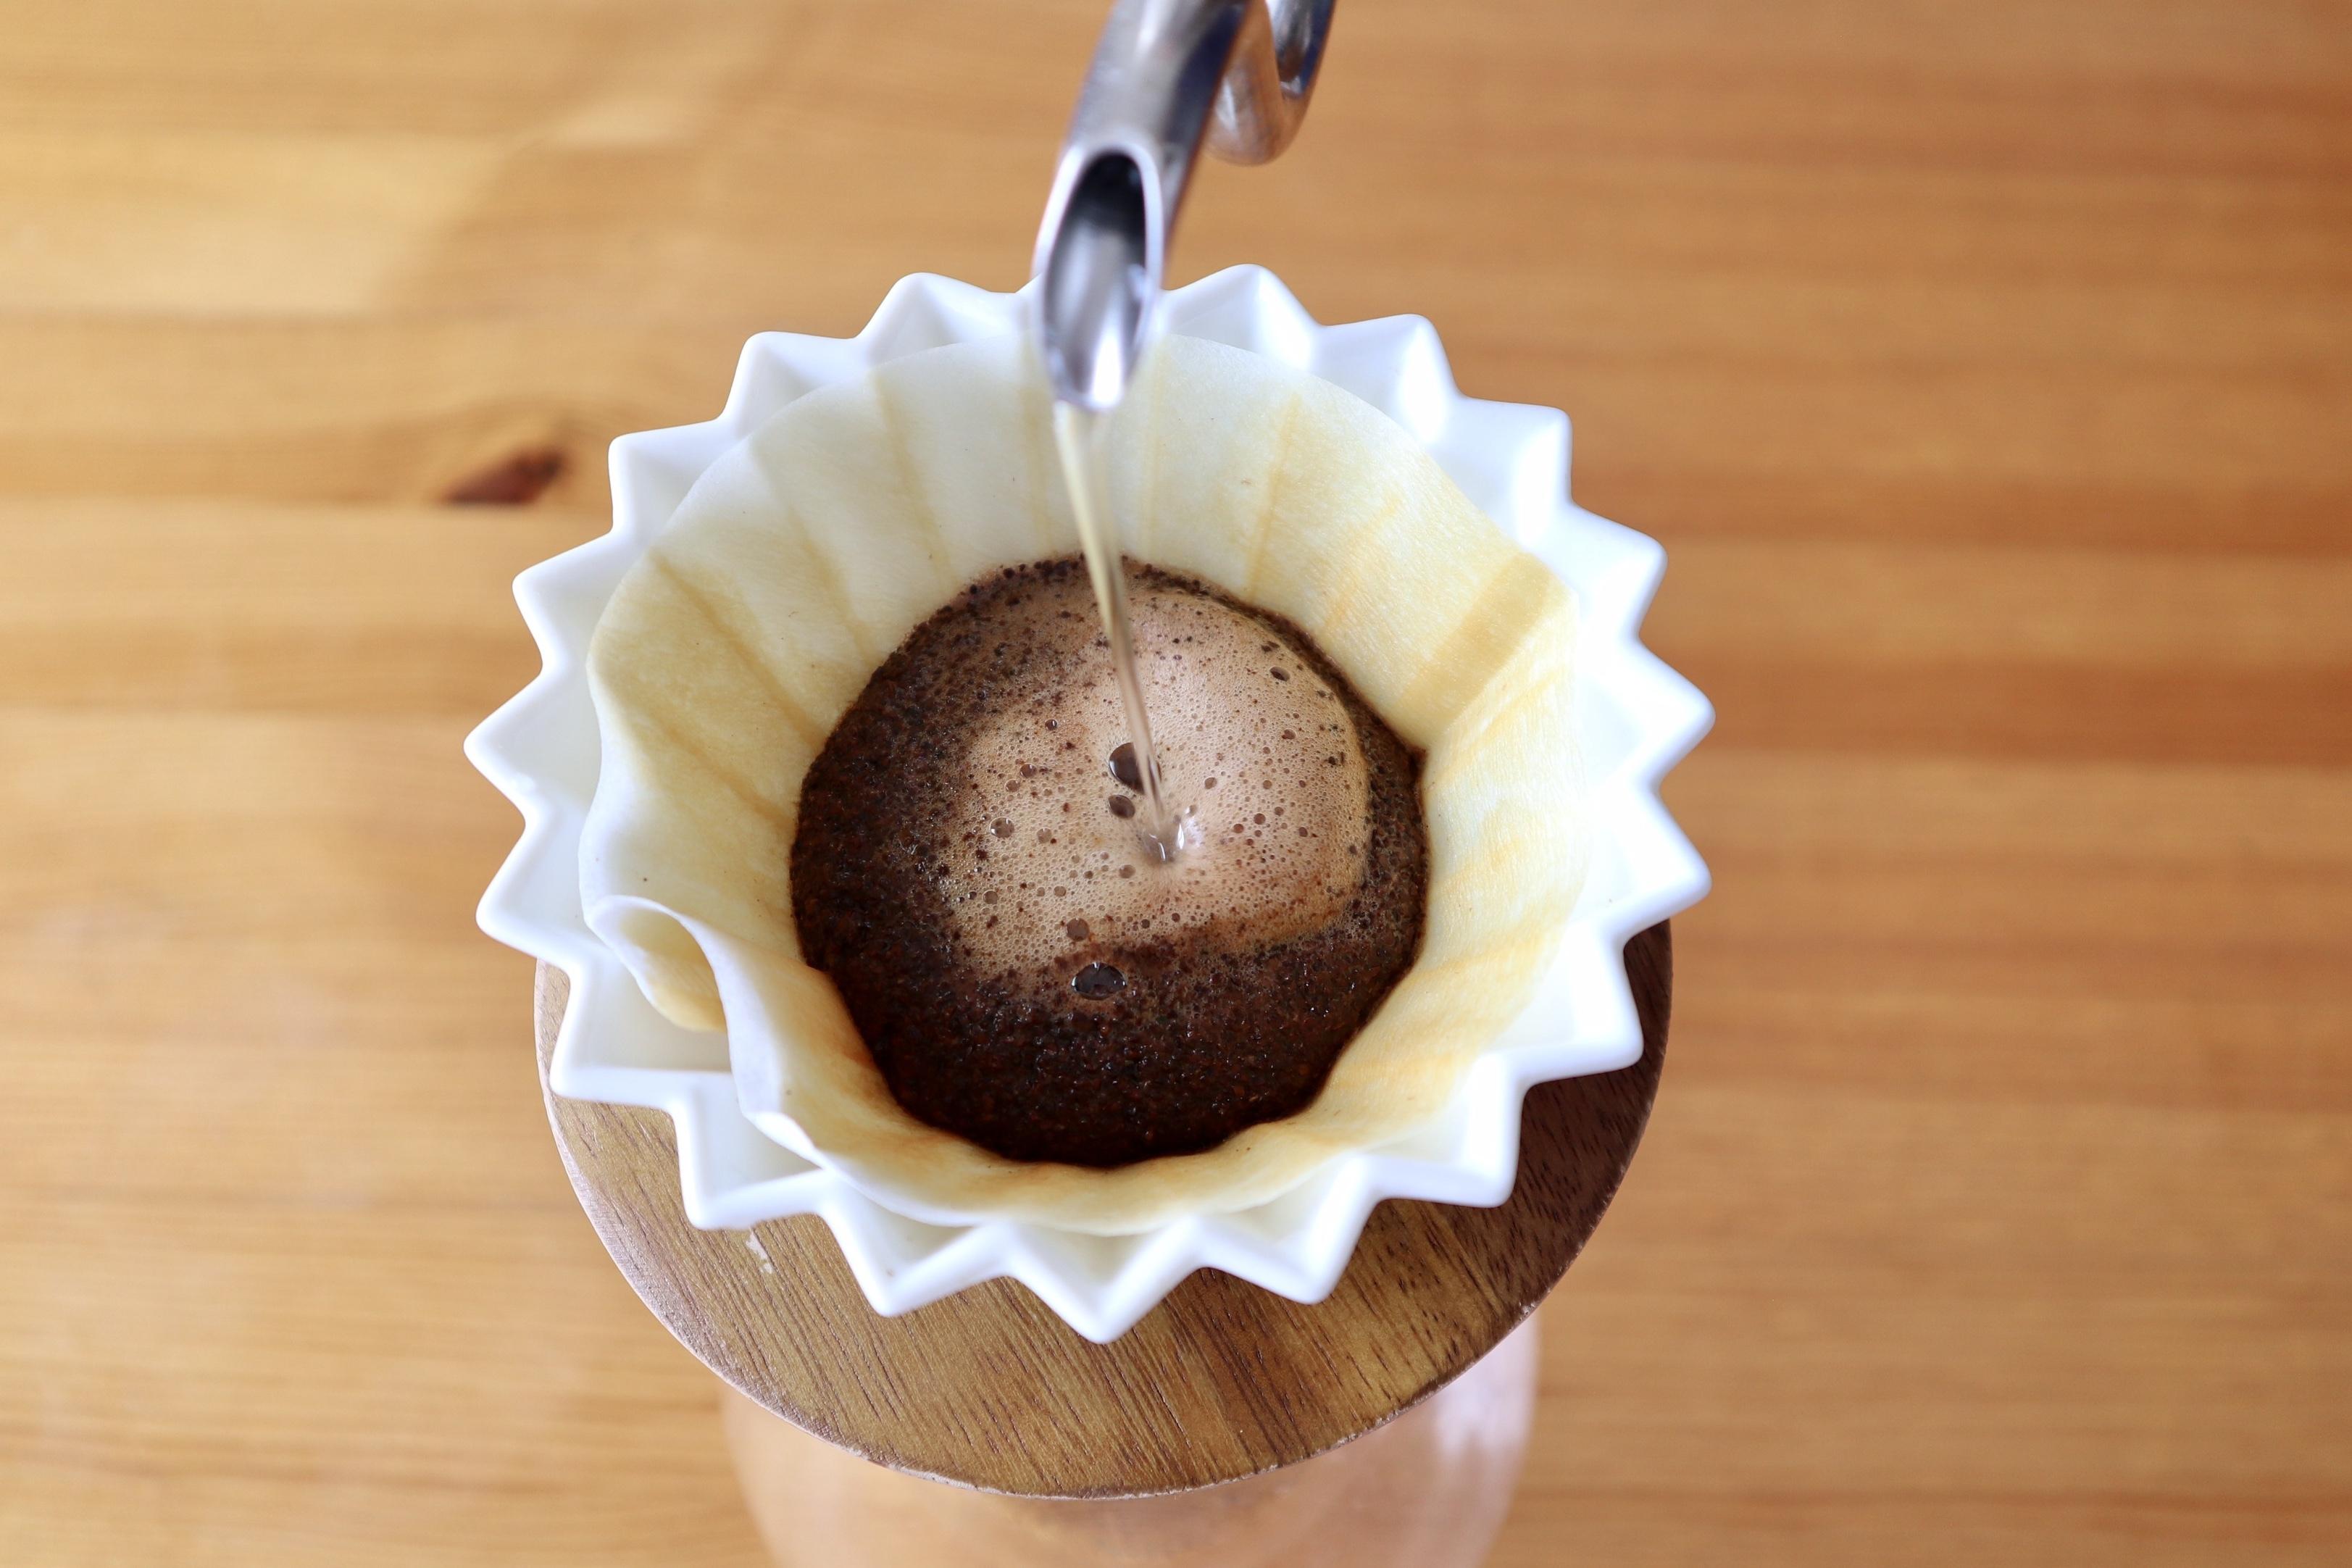 スカイブレンド コーヒー豆 150g